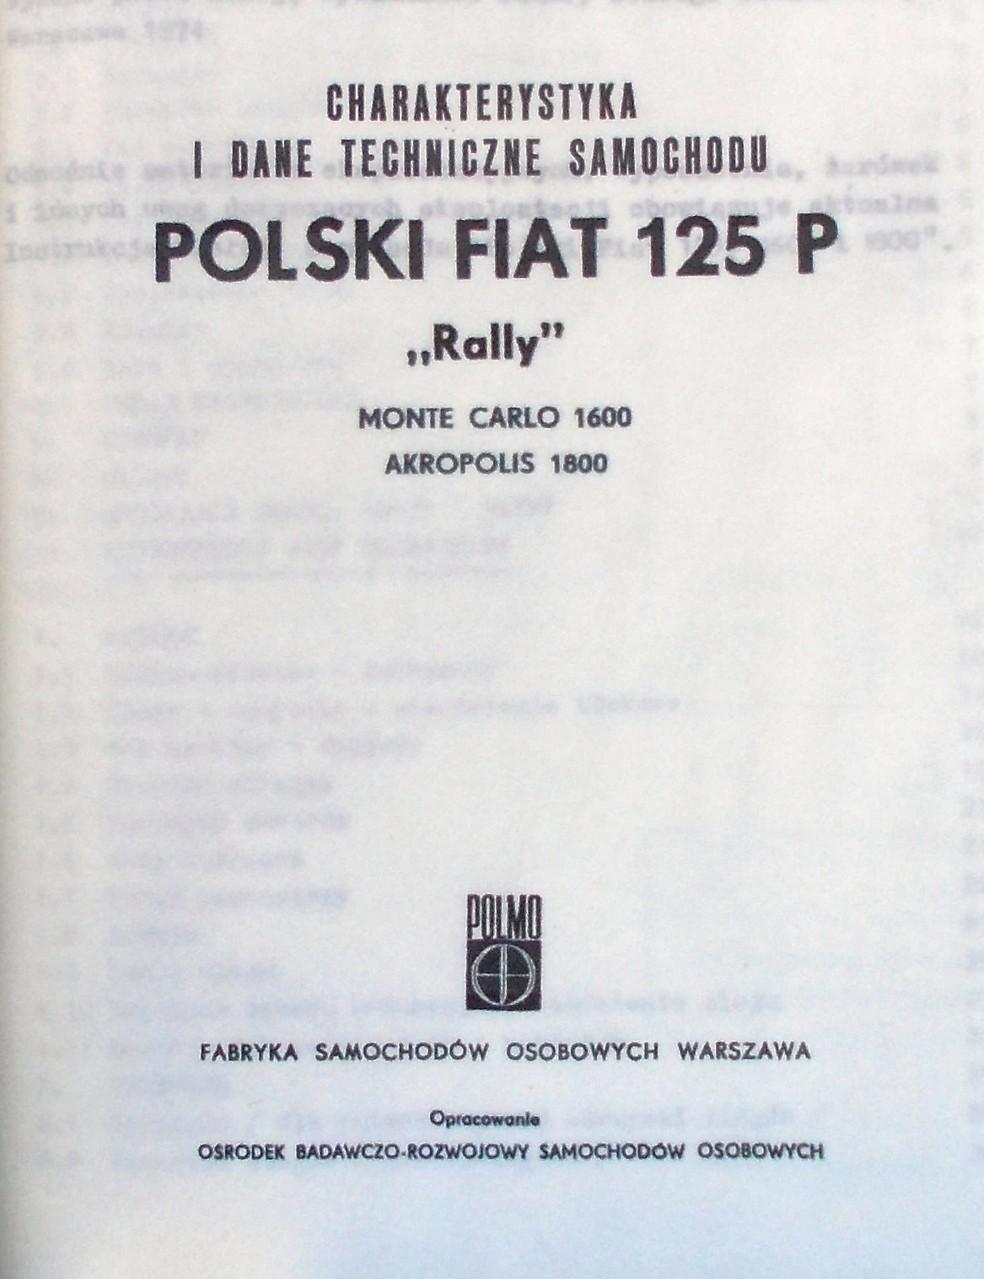 Powyższa tabelka została opracowana na podstawie oryginalnych fabrycznych dokumentacji m.in. fabrycznej Charakterystyki Technicznej (patrz galeria). Wspomina się w niej również o odmianie 1600 Rally, a więc wersji już z homologacją FIA.